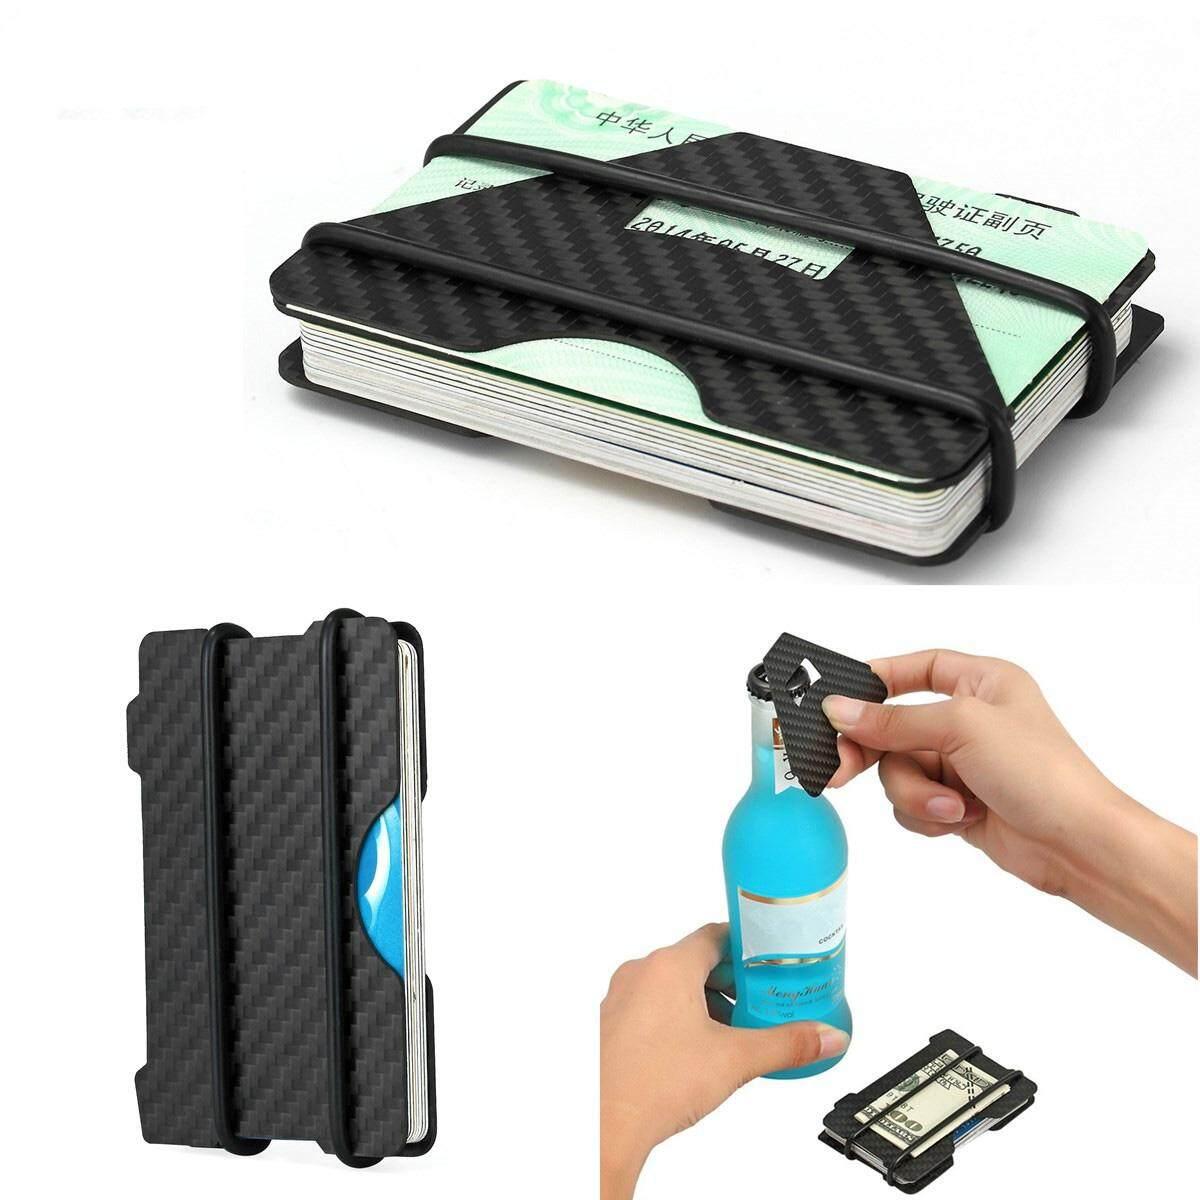 Carbon Fiber RFID Blocking Slim Credit Cards Holder Men Wallet Money Clip Purse #Black 3